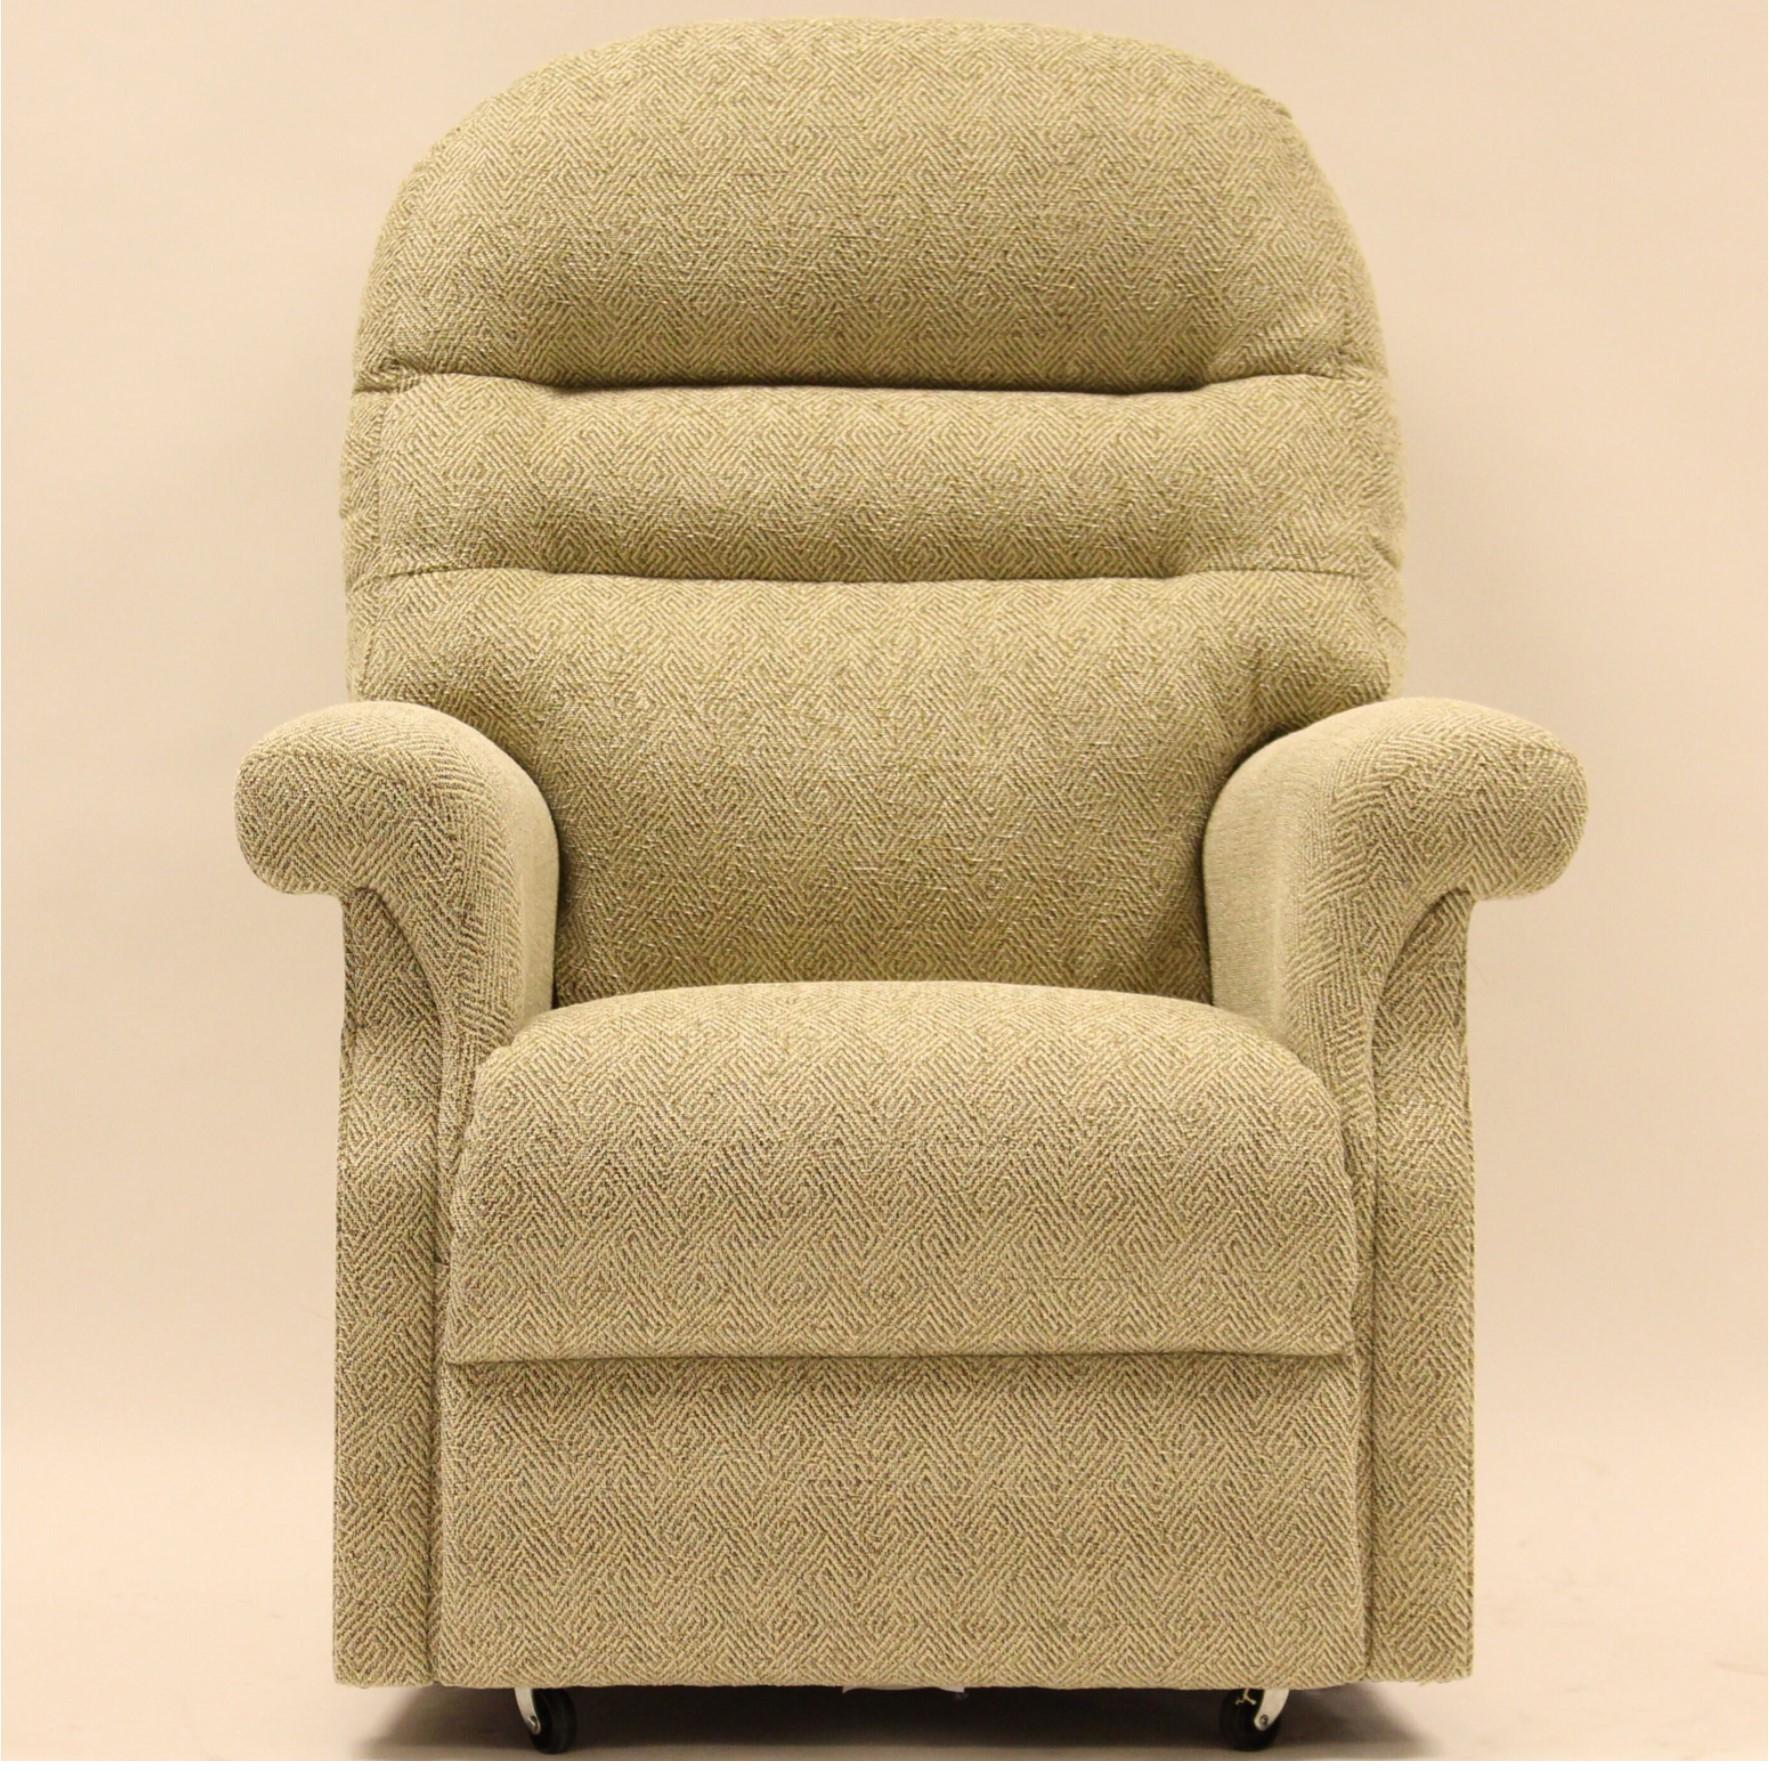 Waite Upholstered Chair